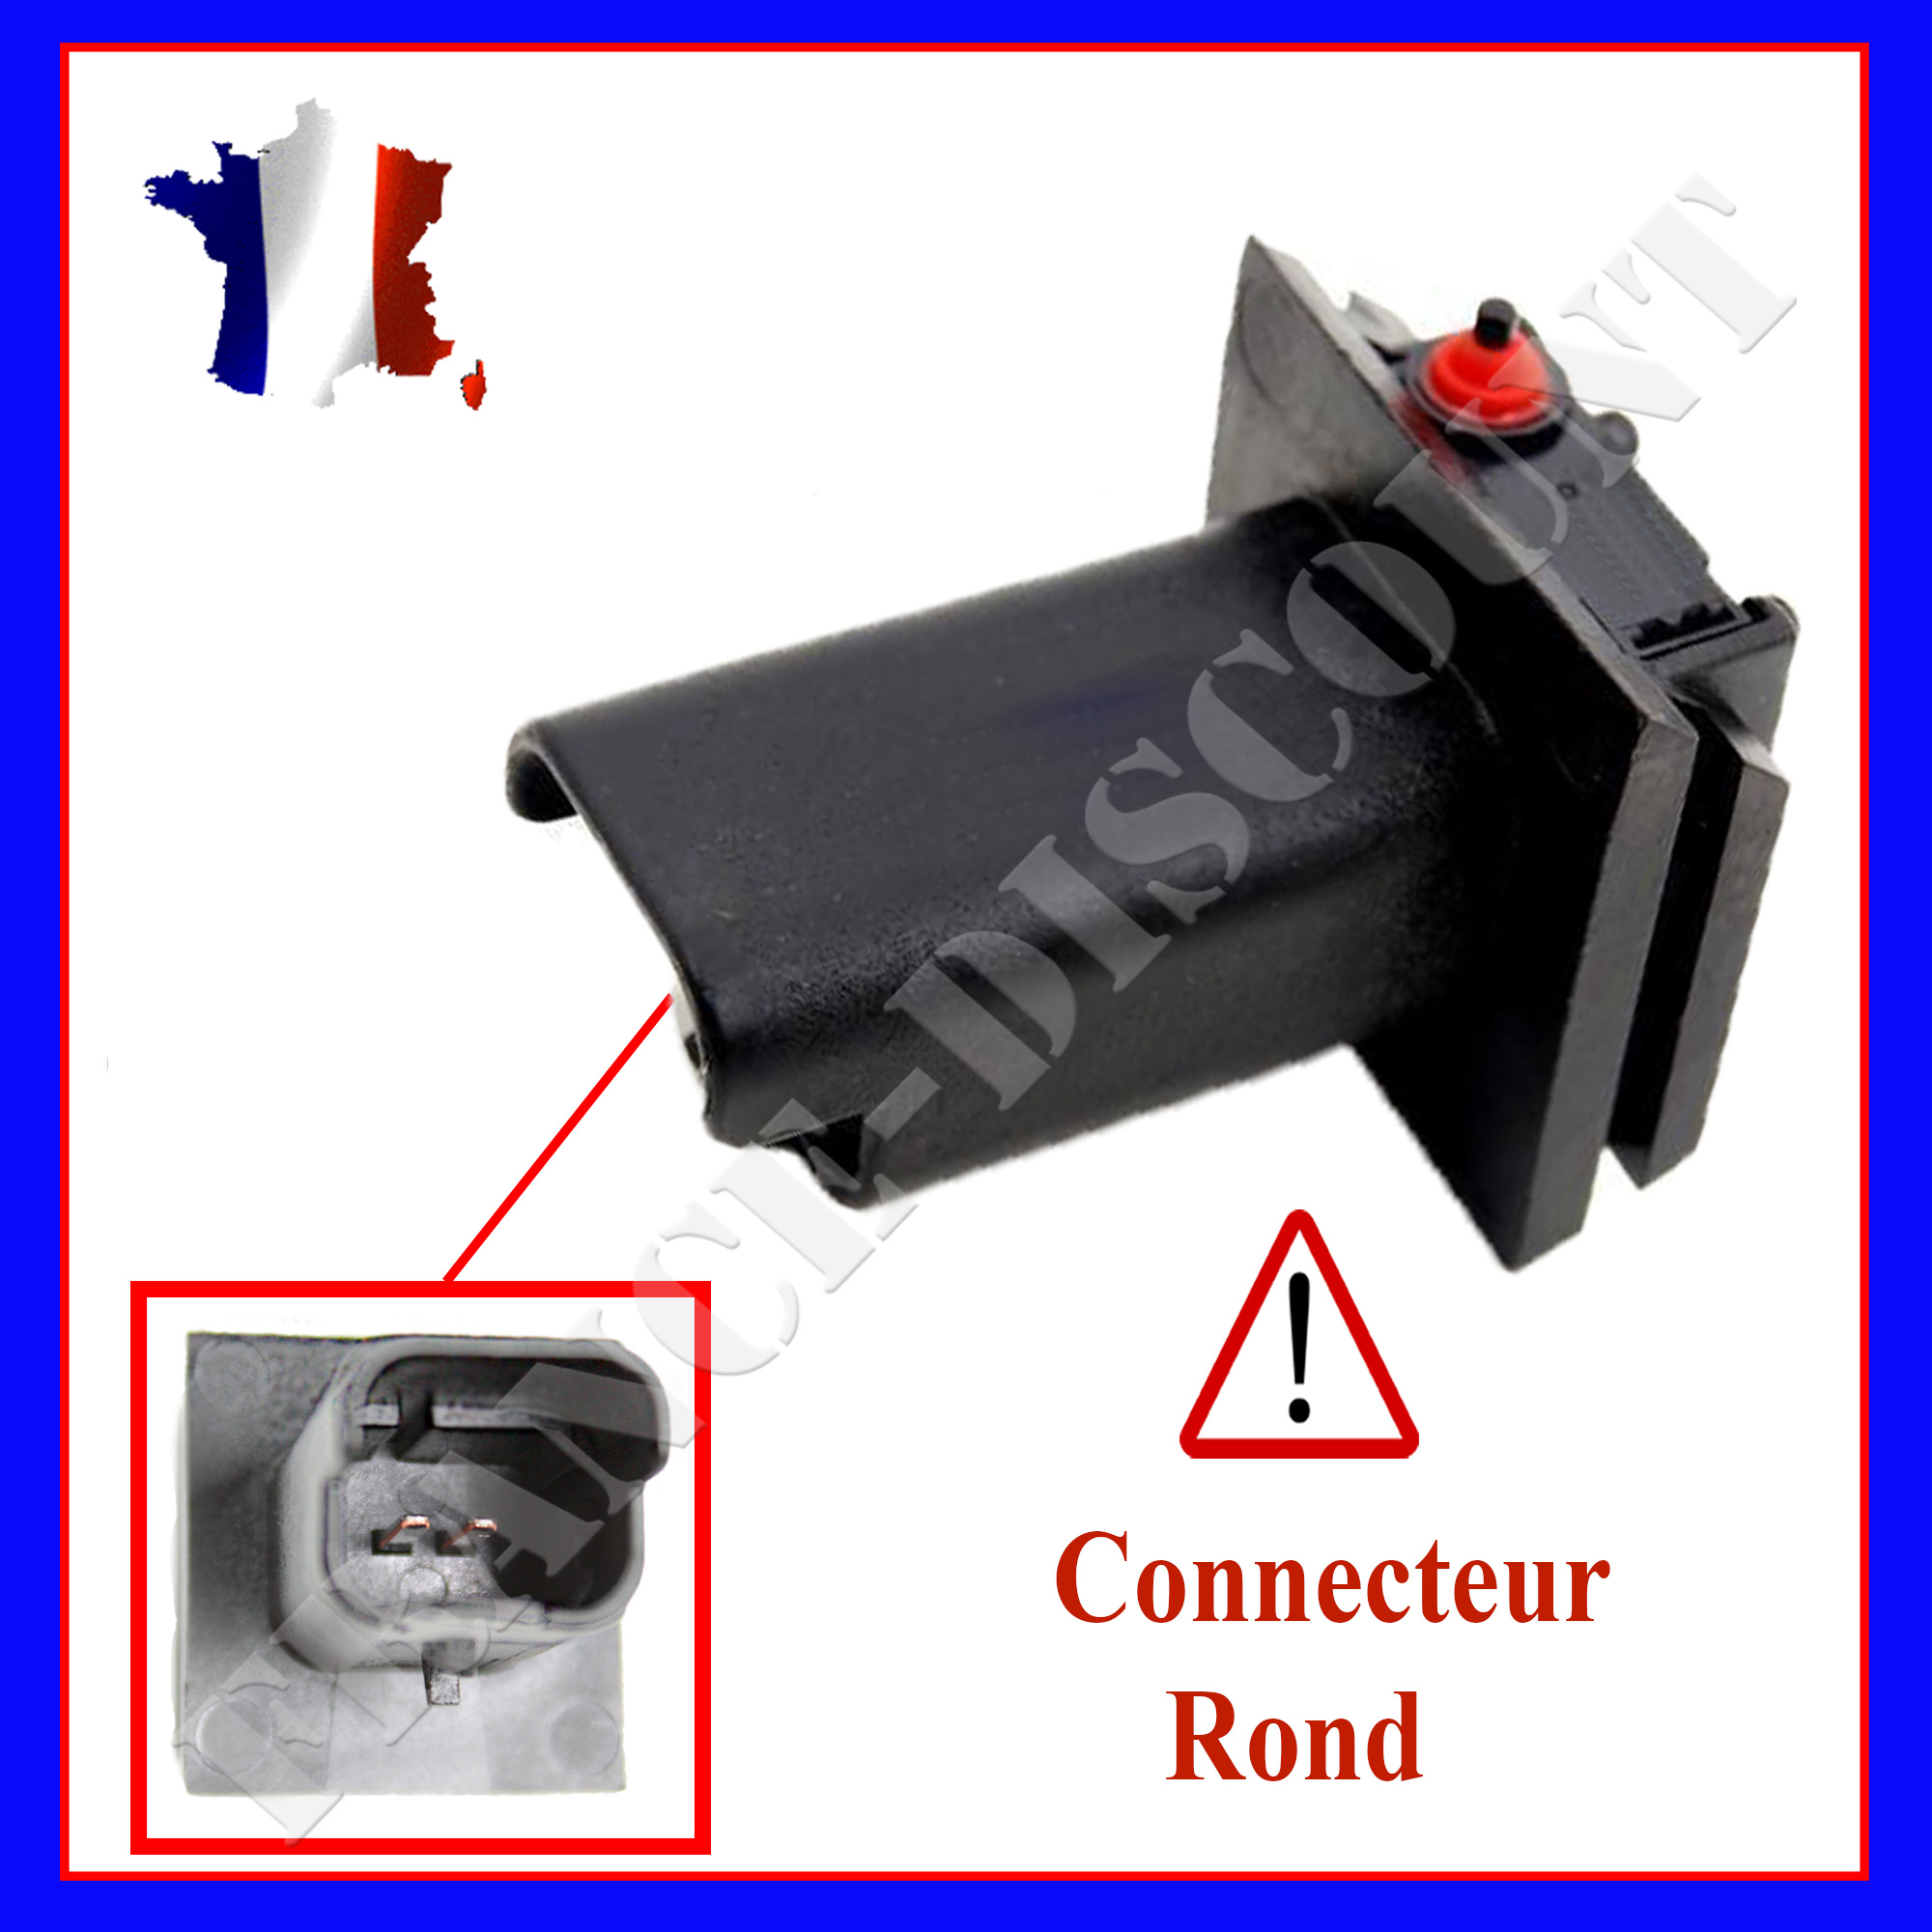 Contacteur /électrique Bouton de poign/ée de coffre hayon pour C4 Picasso Berlingo Partner 6554.ZZ 6554ZZ